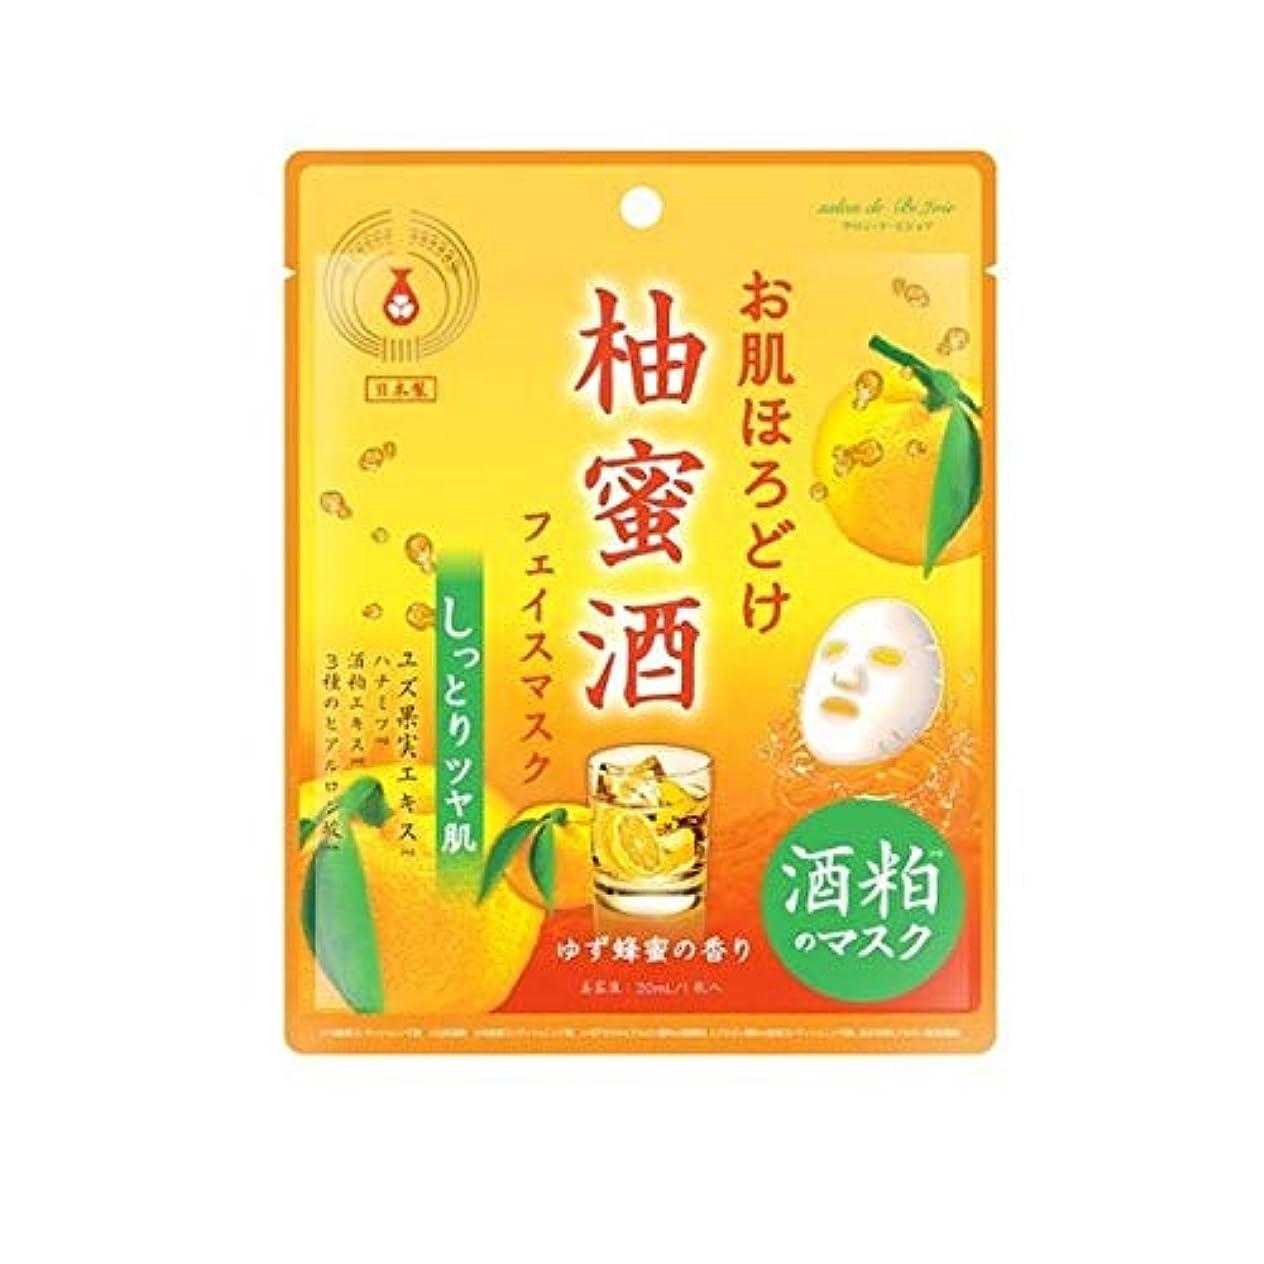 クレジットジーンズリズムBJお肌ほろどけフェイスマスク 柚蜜酒 HDM202 日本製 ゆず蜂蜜の香り 美容 ビューティー グッズ フェイス パック マスク しっとり ツヤ 肌 素肌 美人 保湿